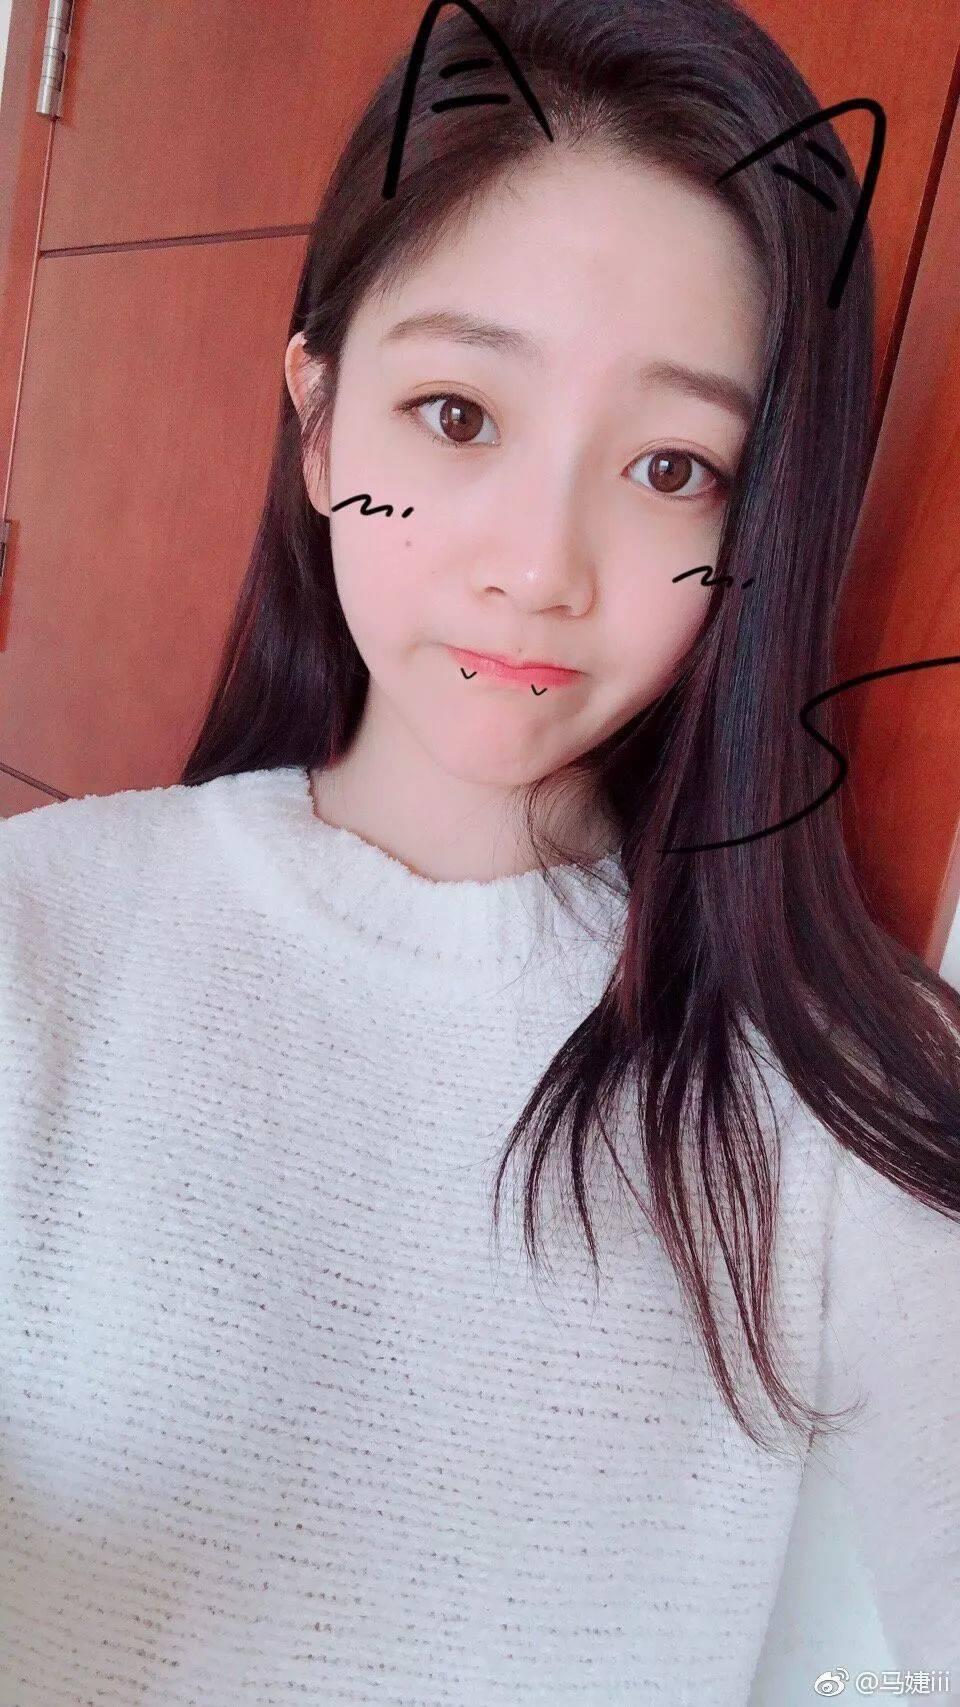 娱乐 正文  刘欣然,无论是长相还是风格看起来都很有个性的一个女生